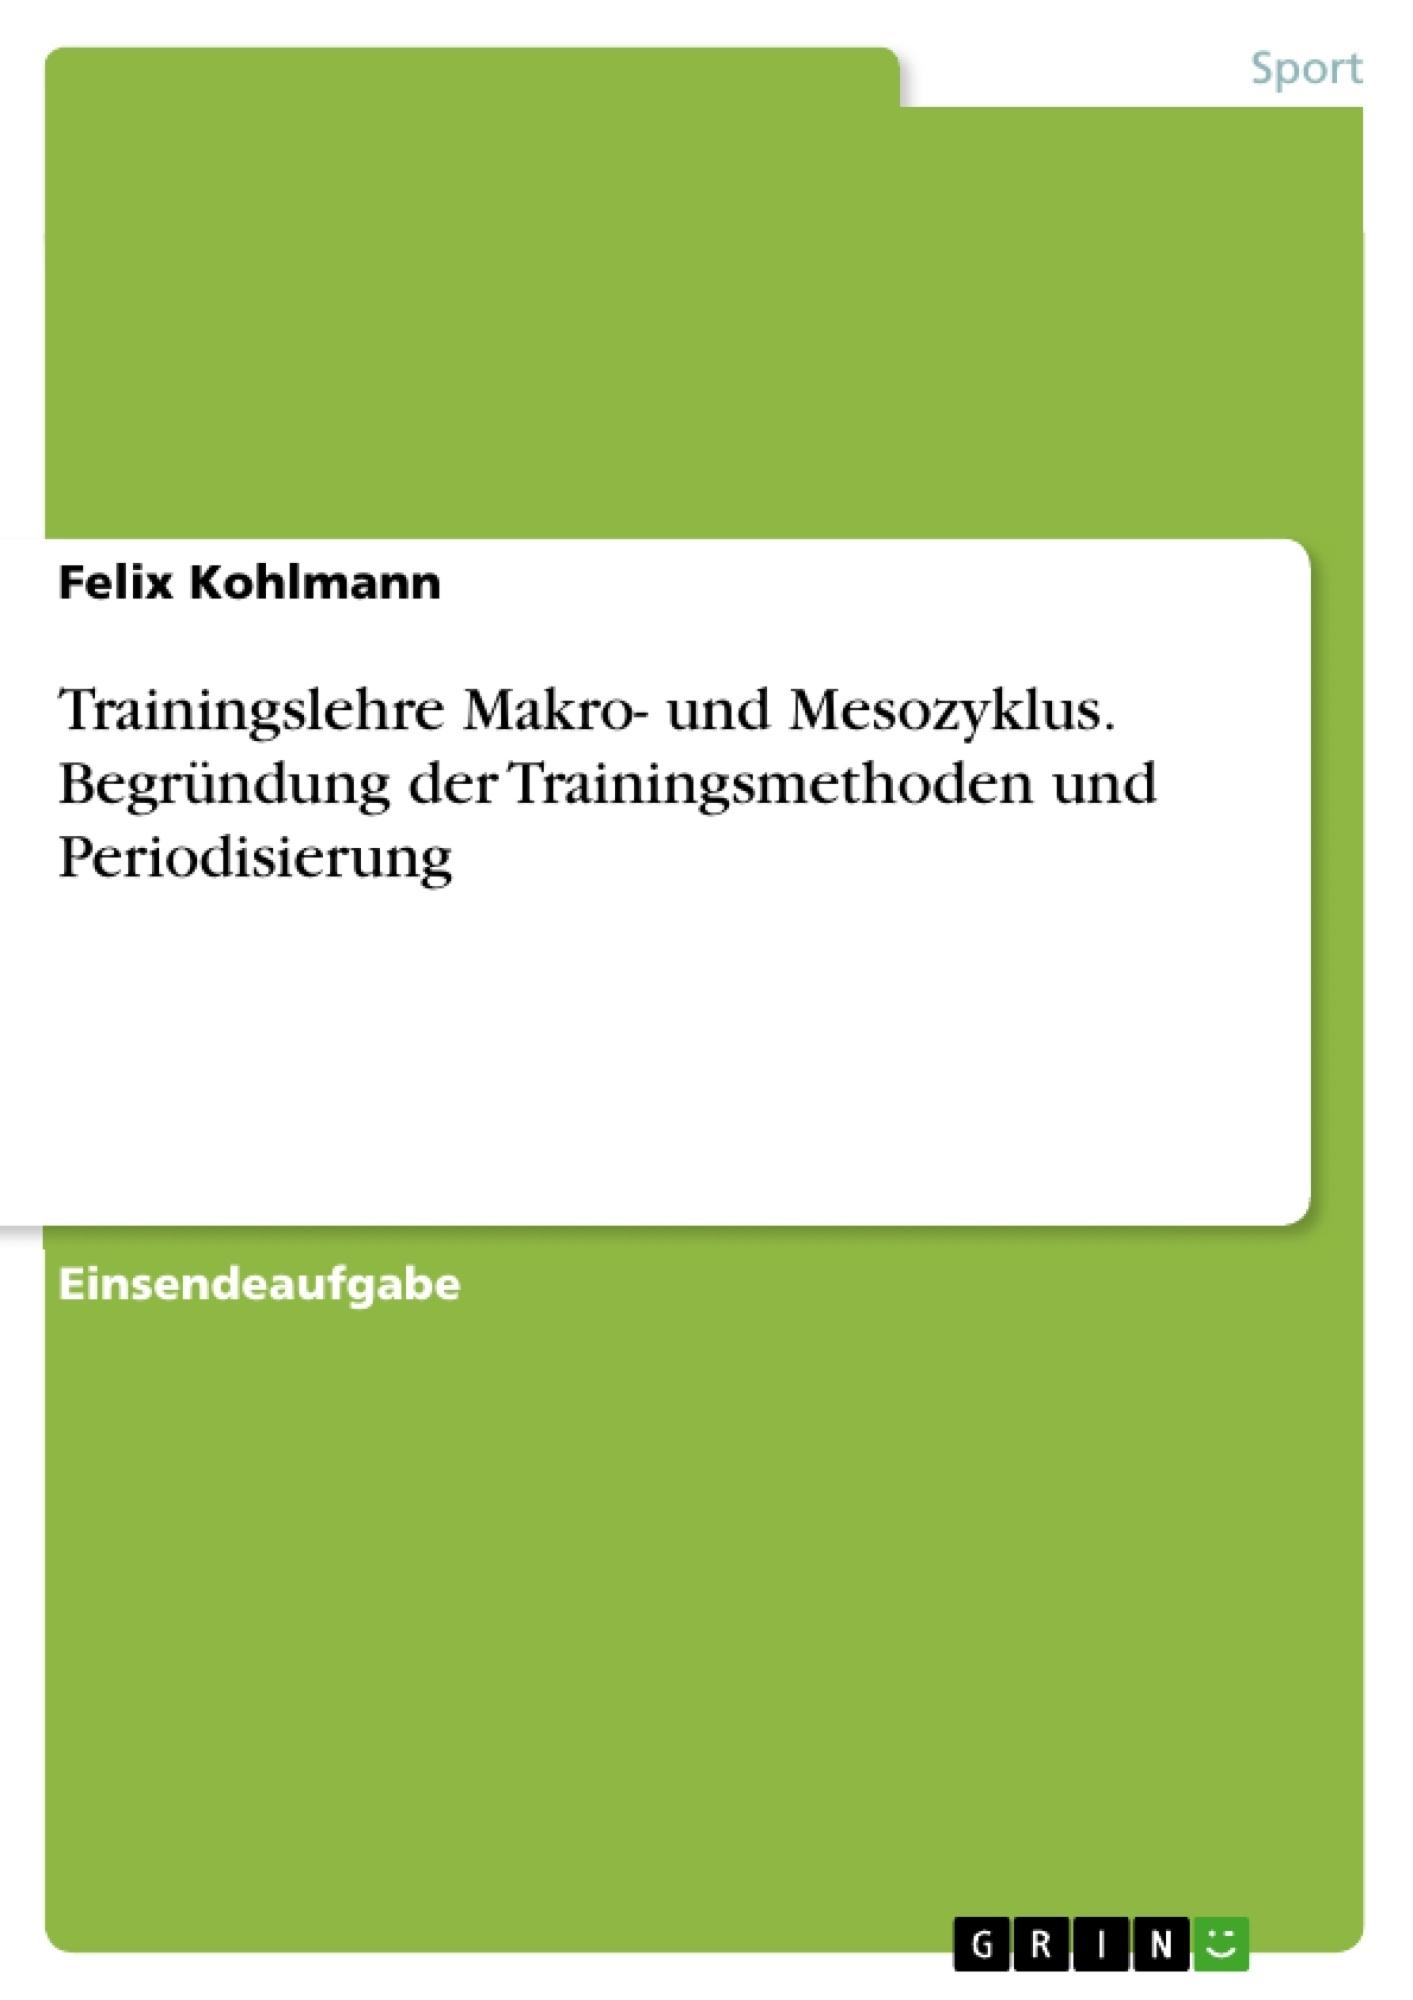 Titel: Trainingslehre Makro- und Mesozyklus. Begründung der Trainingsmethoden und Periodisierung